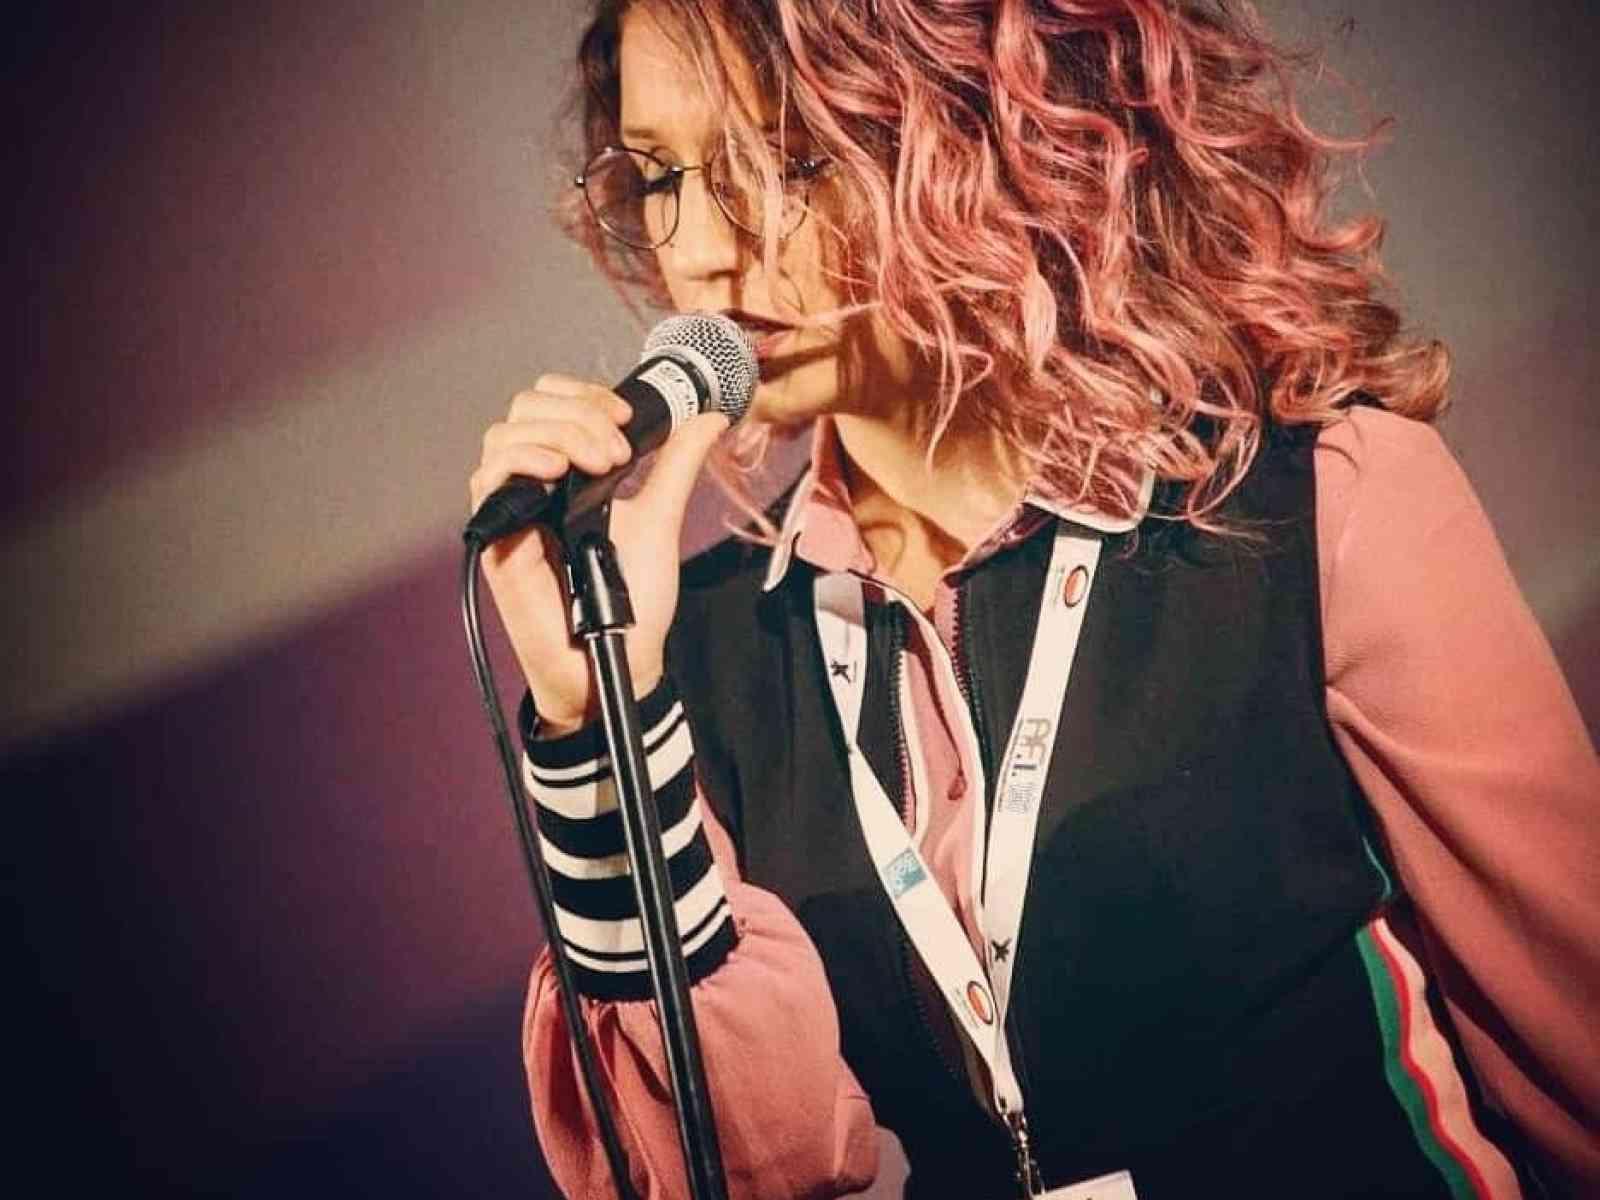 Immagine articolo: Da Menfi a Sanremo con il sogno della musica. Secondo posto ad Area Sanremo per Alessia Cusumano